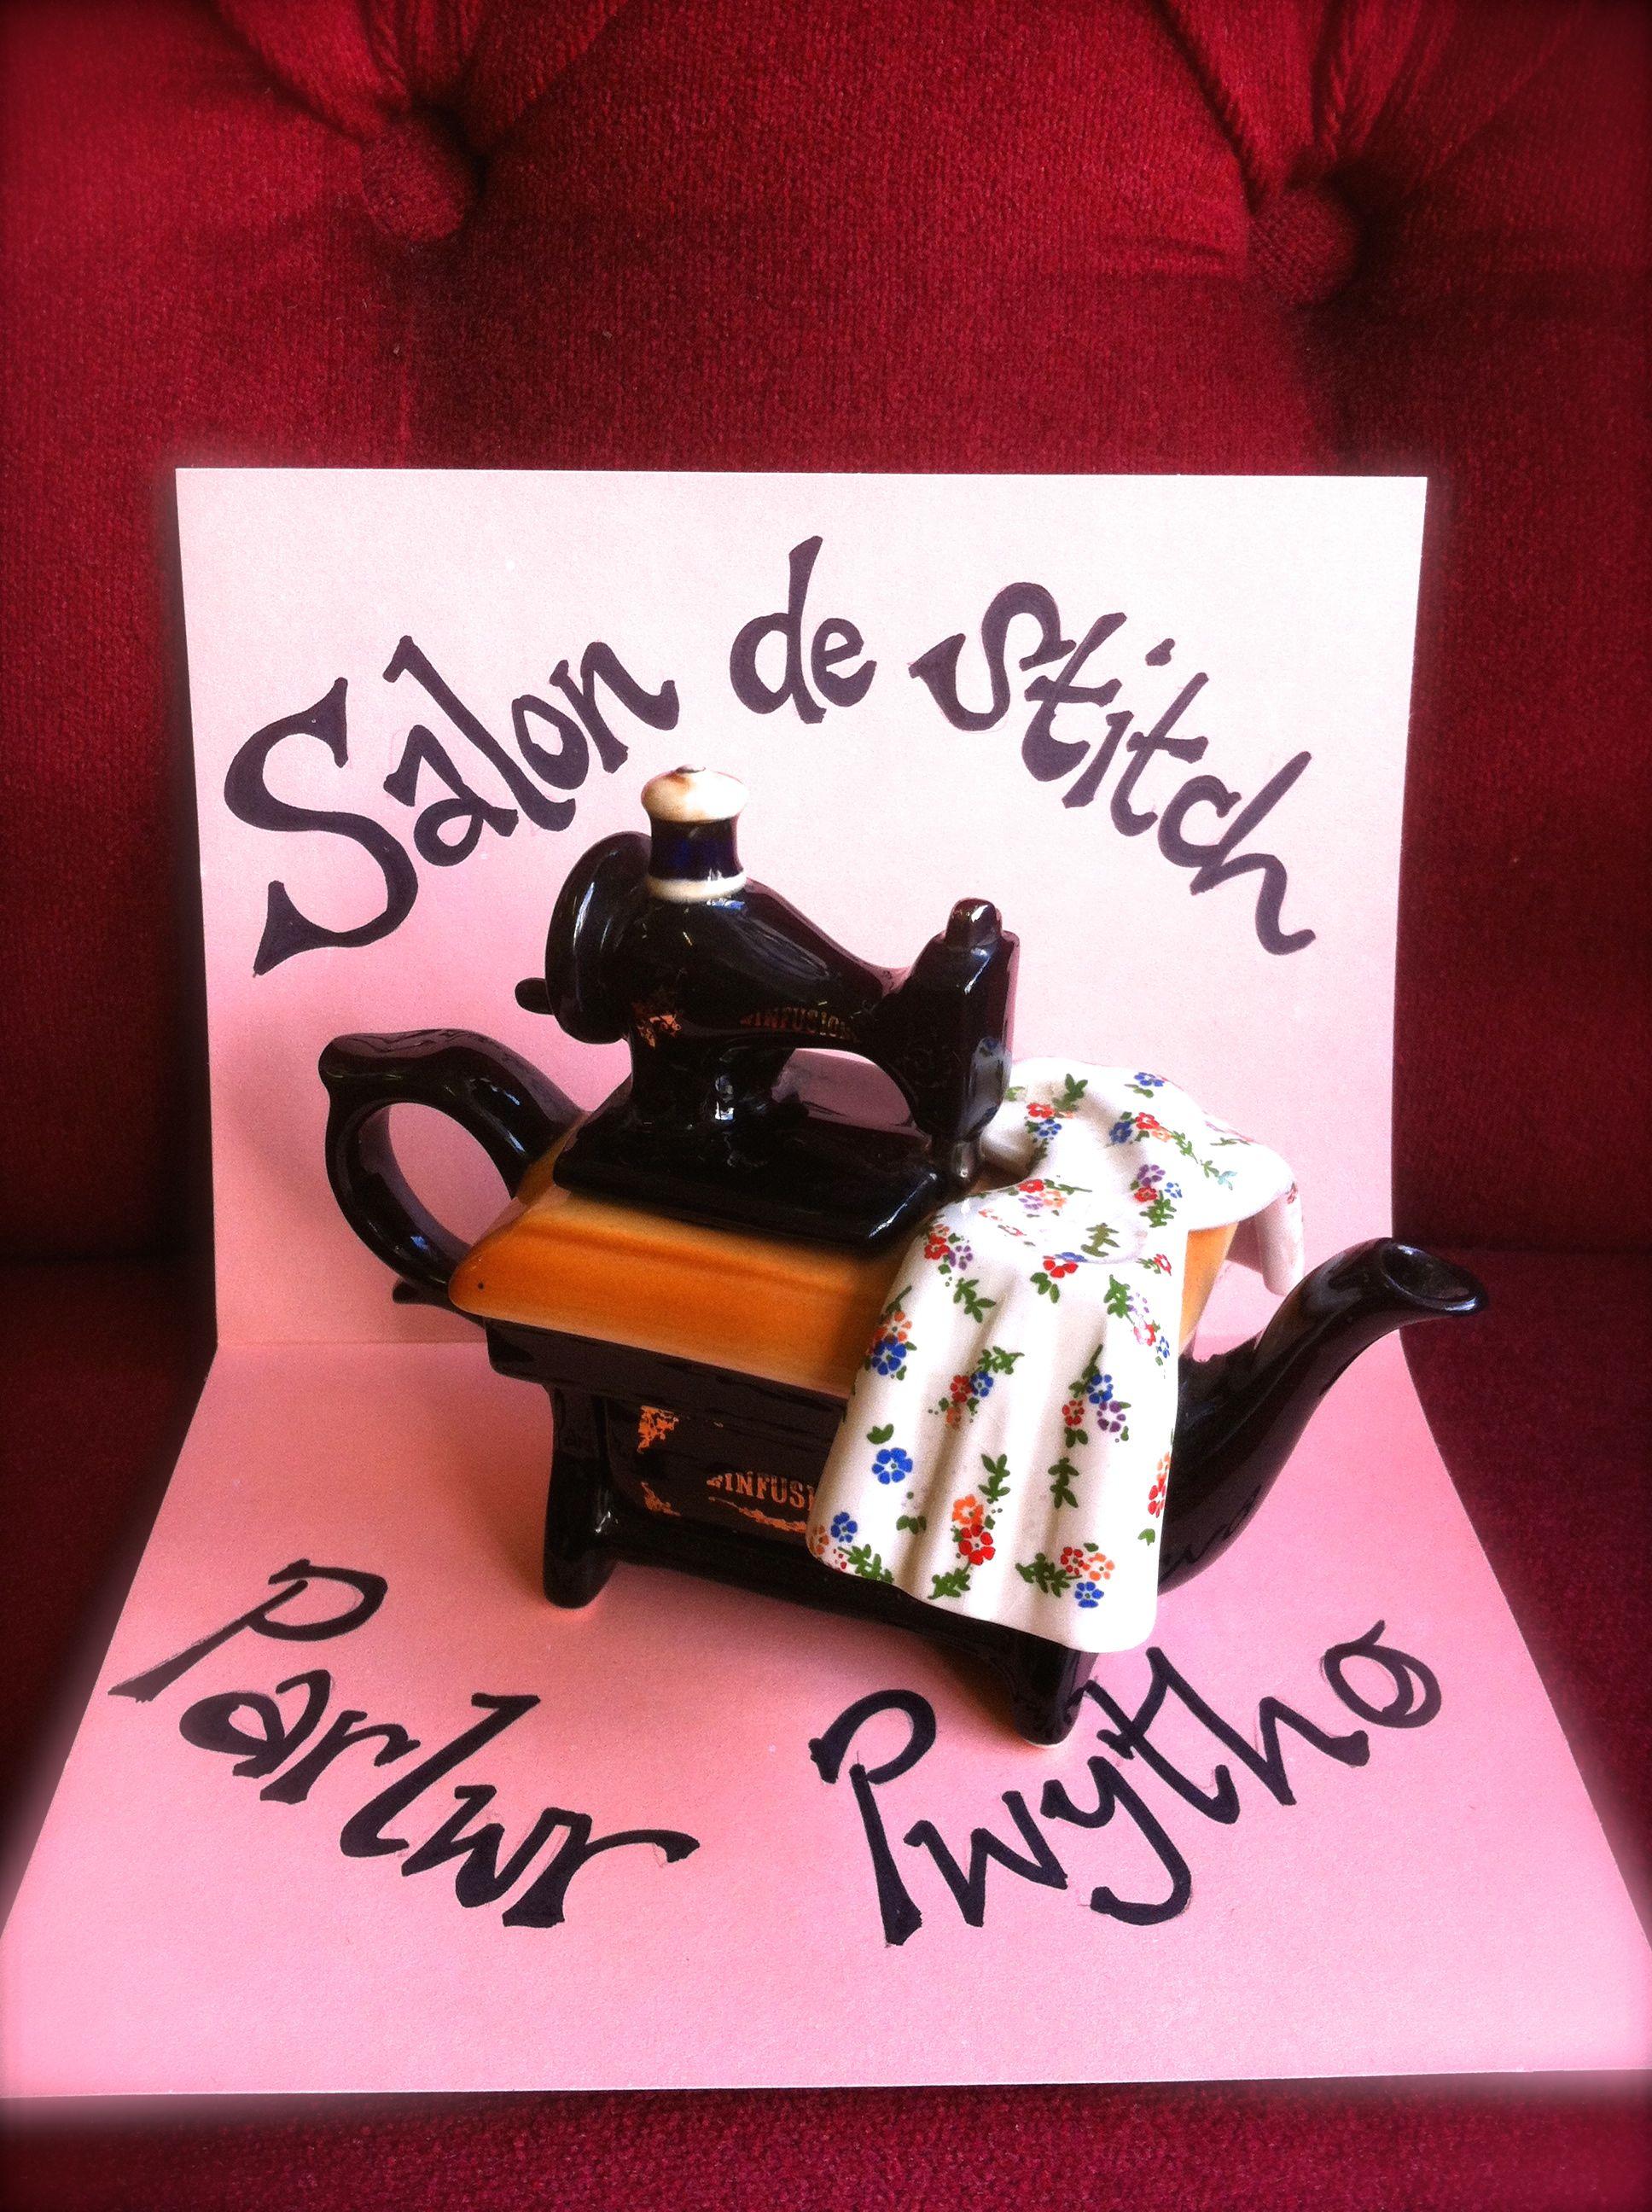 Salon de Stitch/ Parlwr Pwytho